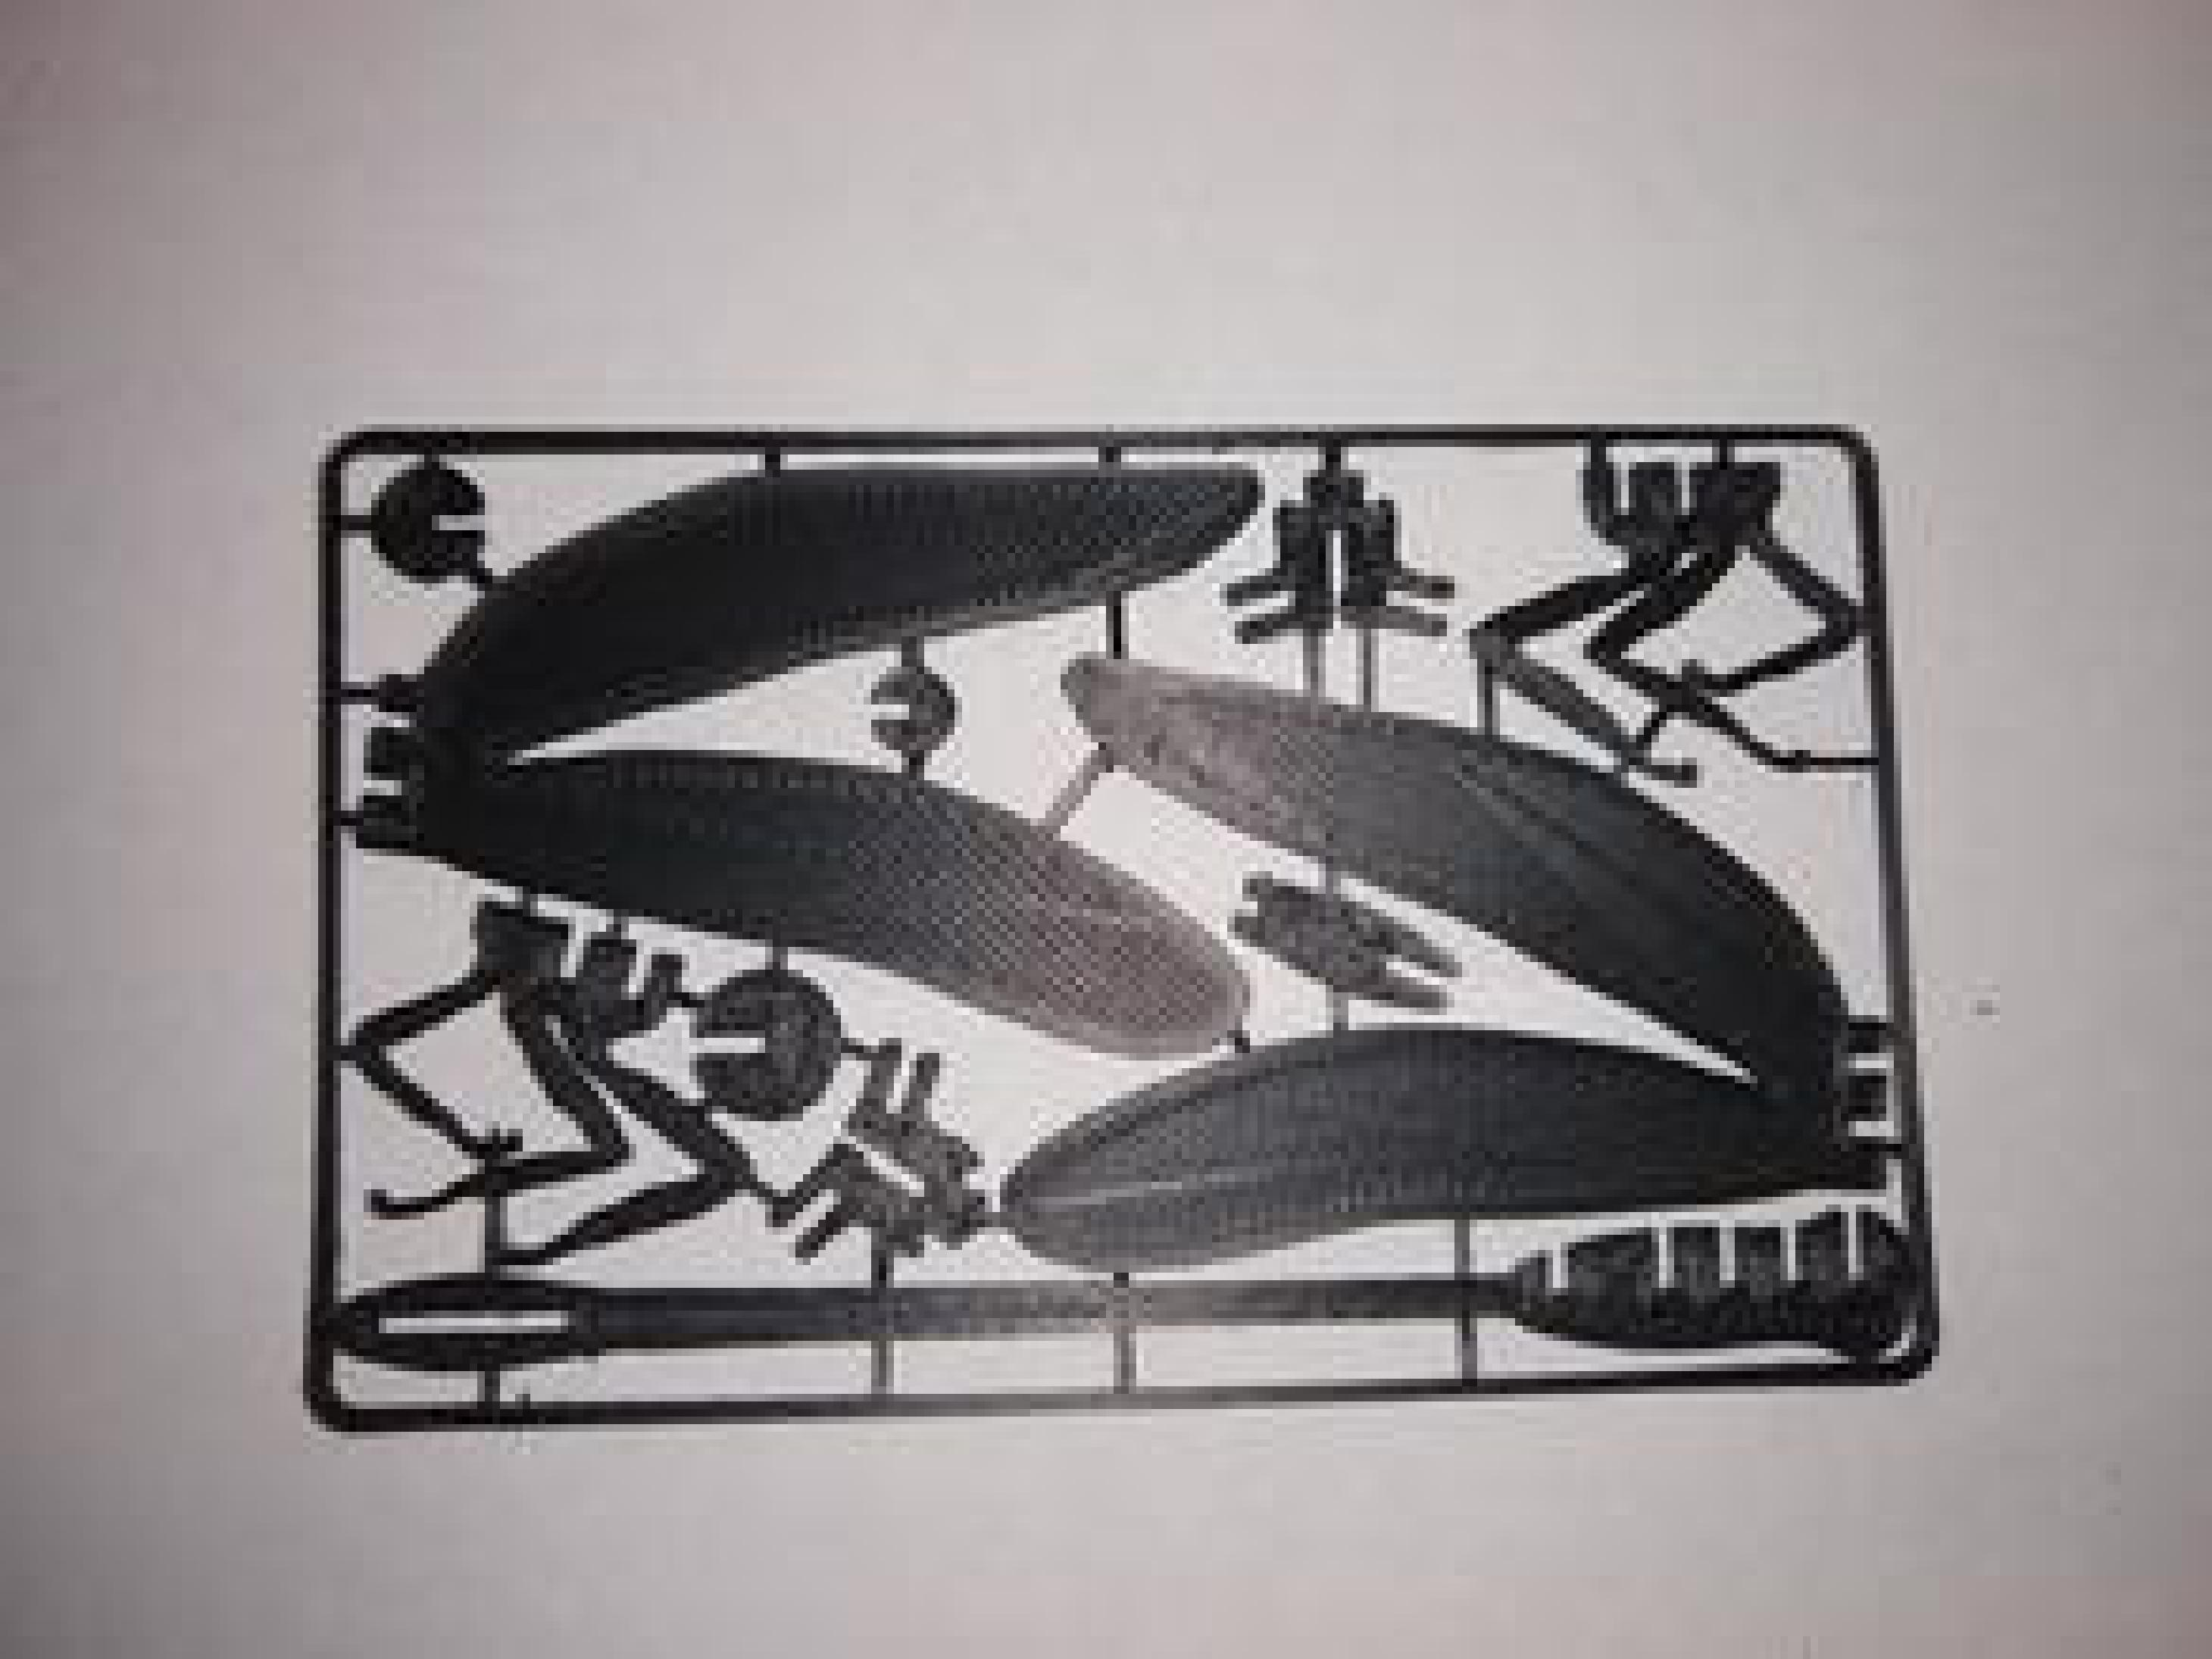 Yusufçuk Kart Dekoratif Biblo Dekor Hediyelik Süs Eşyası Masaüstü